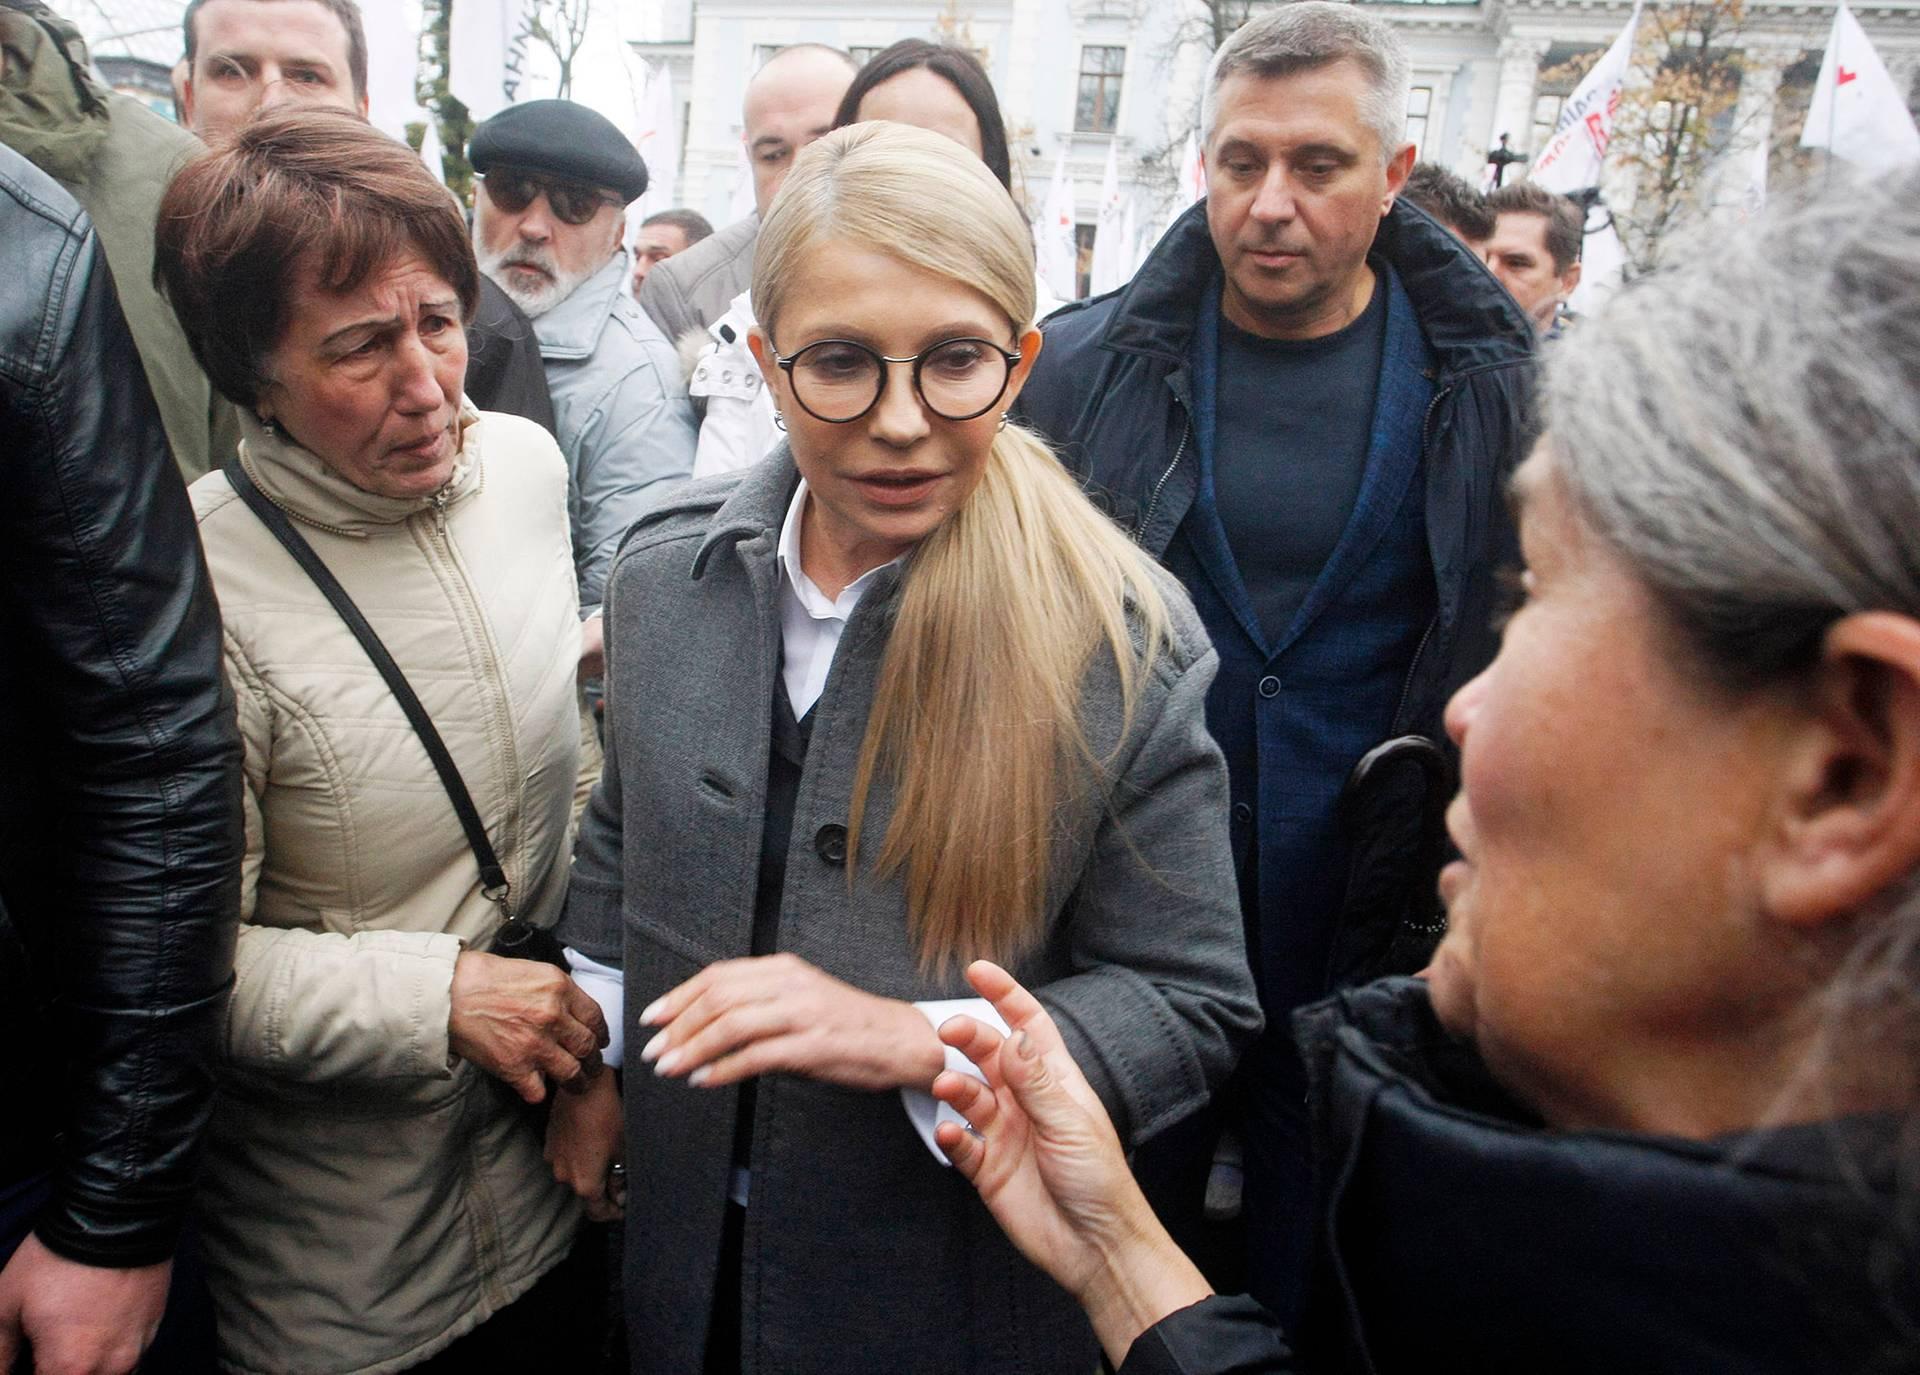 Кандидатка у президенти, лідерка партії «Батьківщина» Юлія Тимошенко (в центрі) із своїми прихильниками під час мітингу біля будівлі Адміністрації президента з вимогою знизити ціни на газ, Києві, Україна, 24 жовтня 2018 року